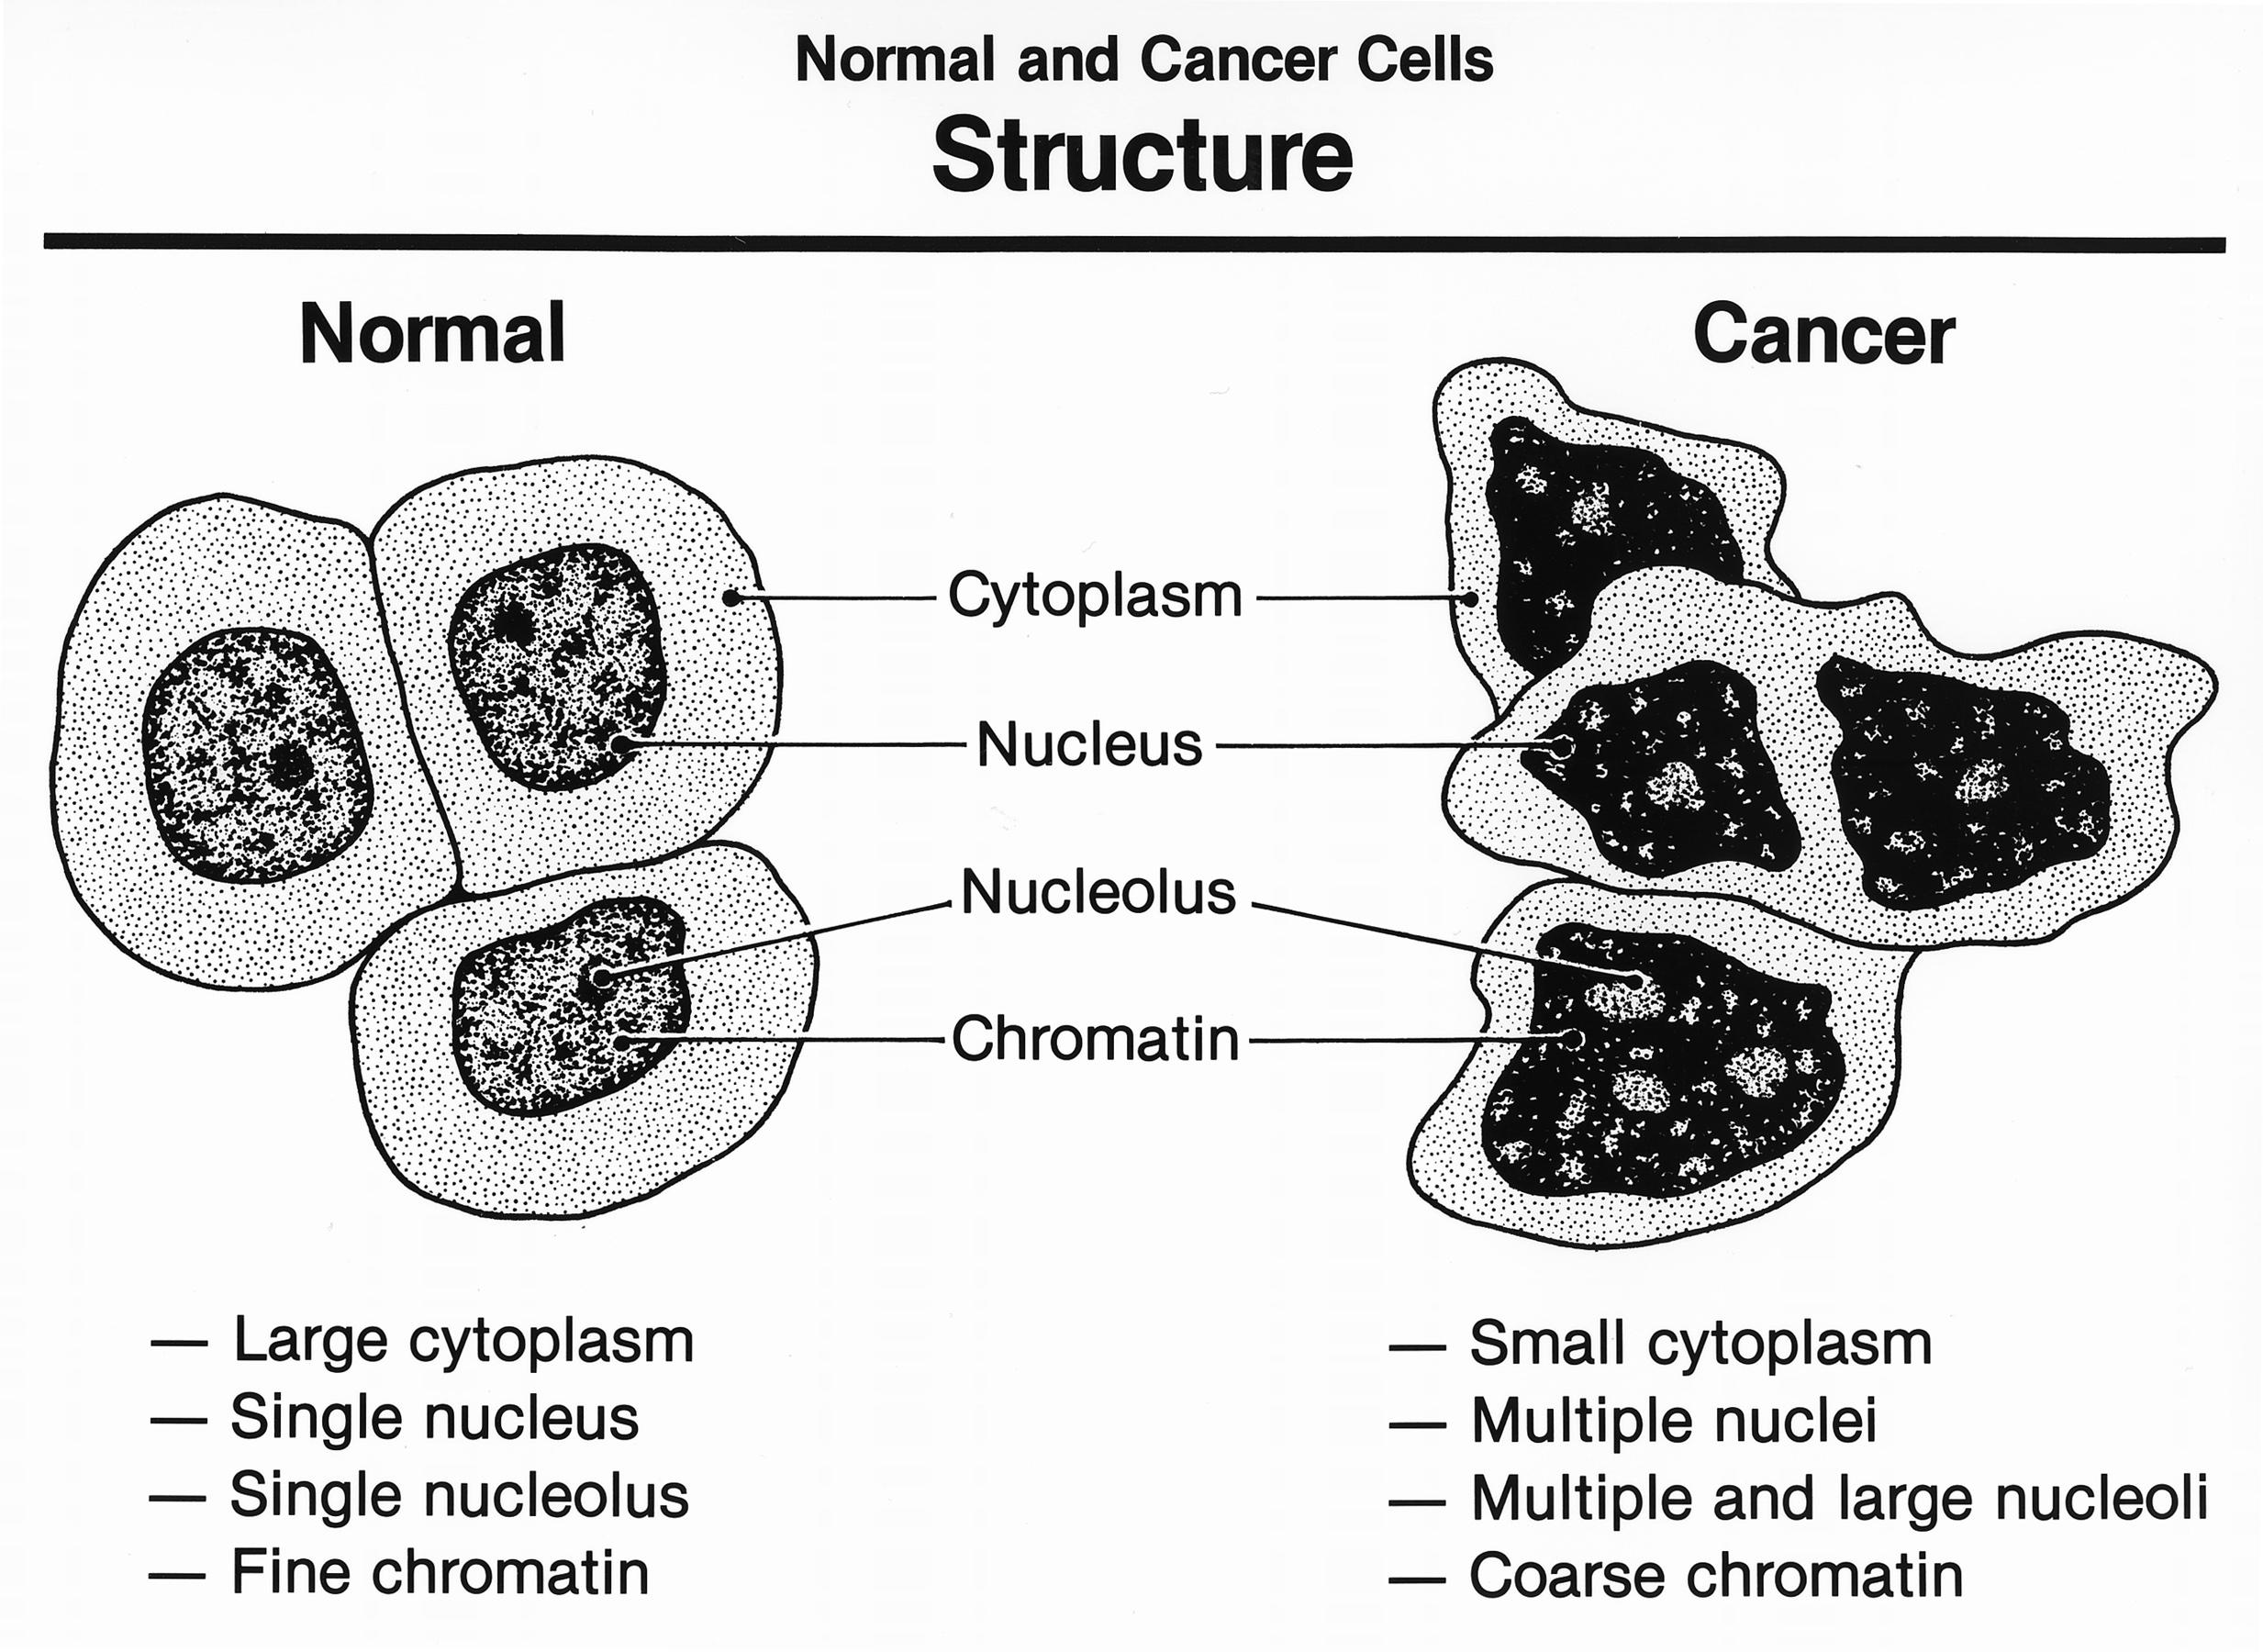 Cèl·lules normals i cèl·lules canceroses